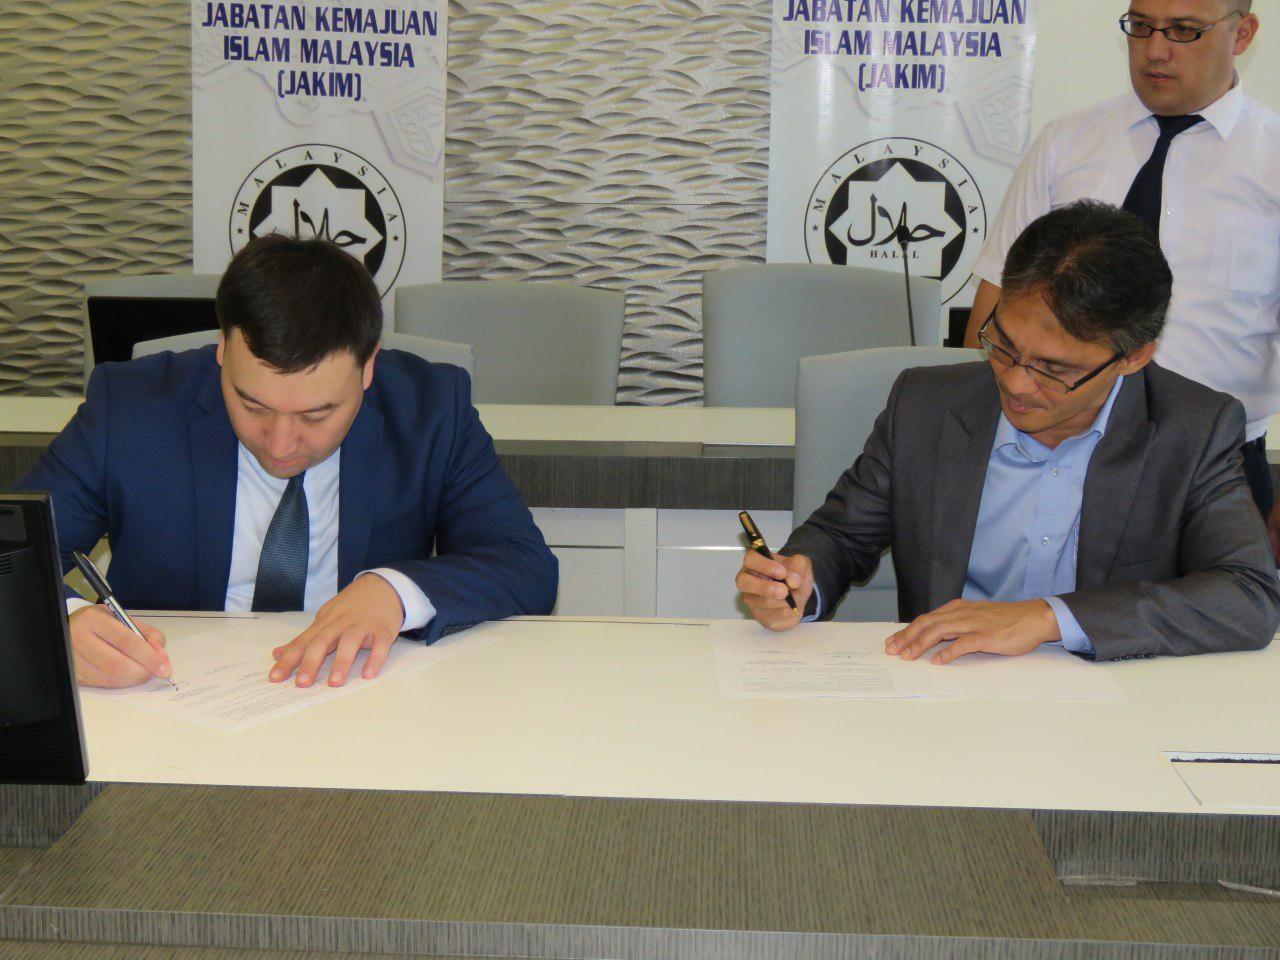 Малайзия признает халяльную сертификацию Узбекистана